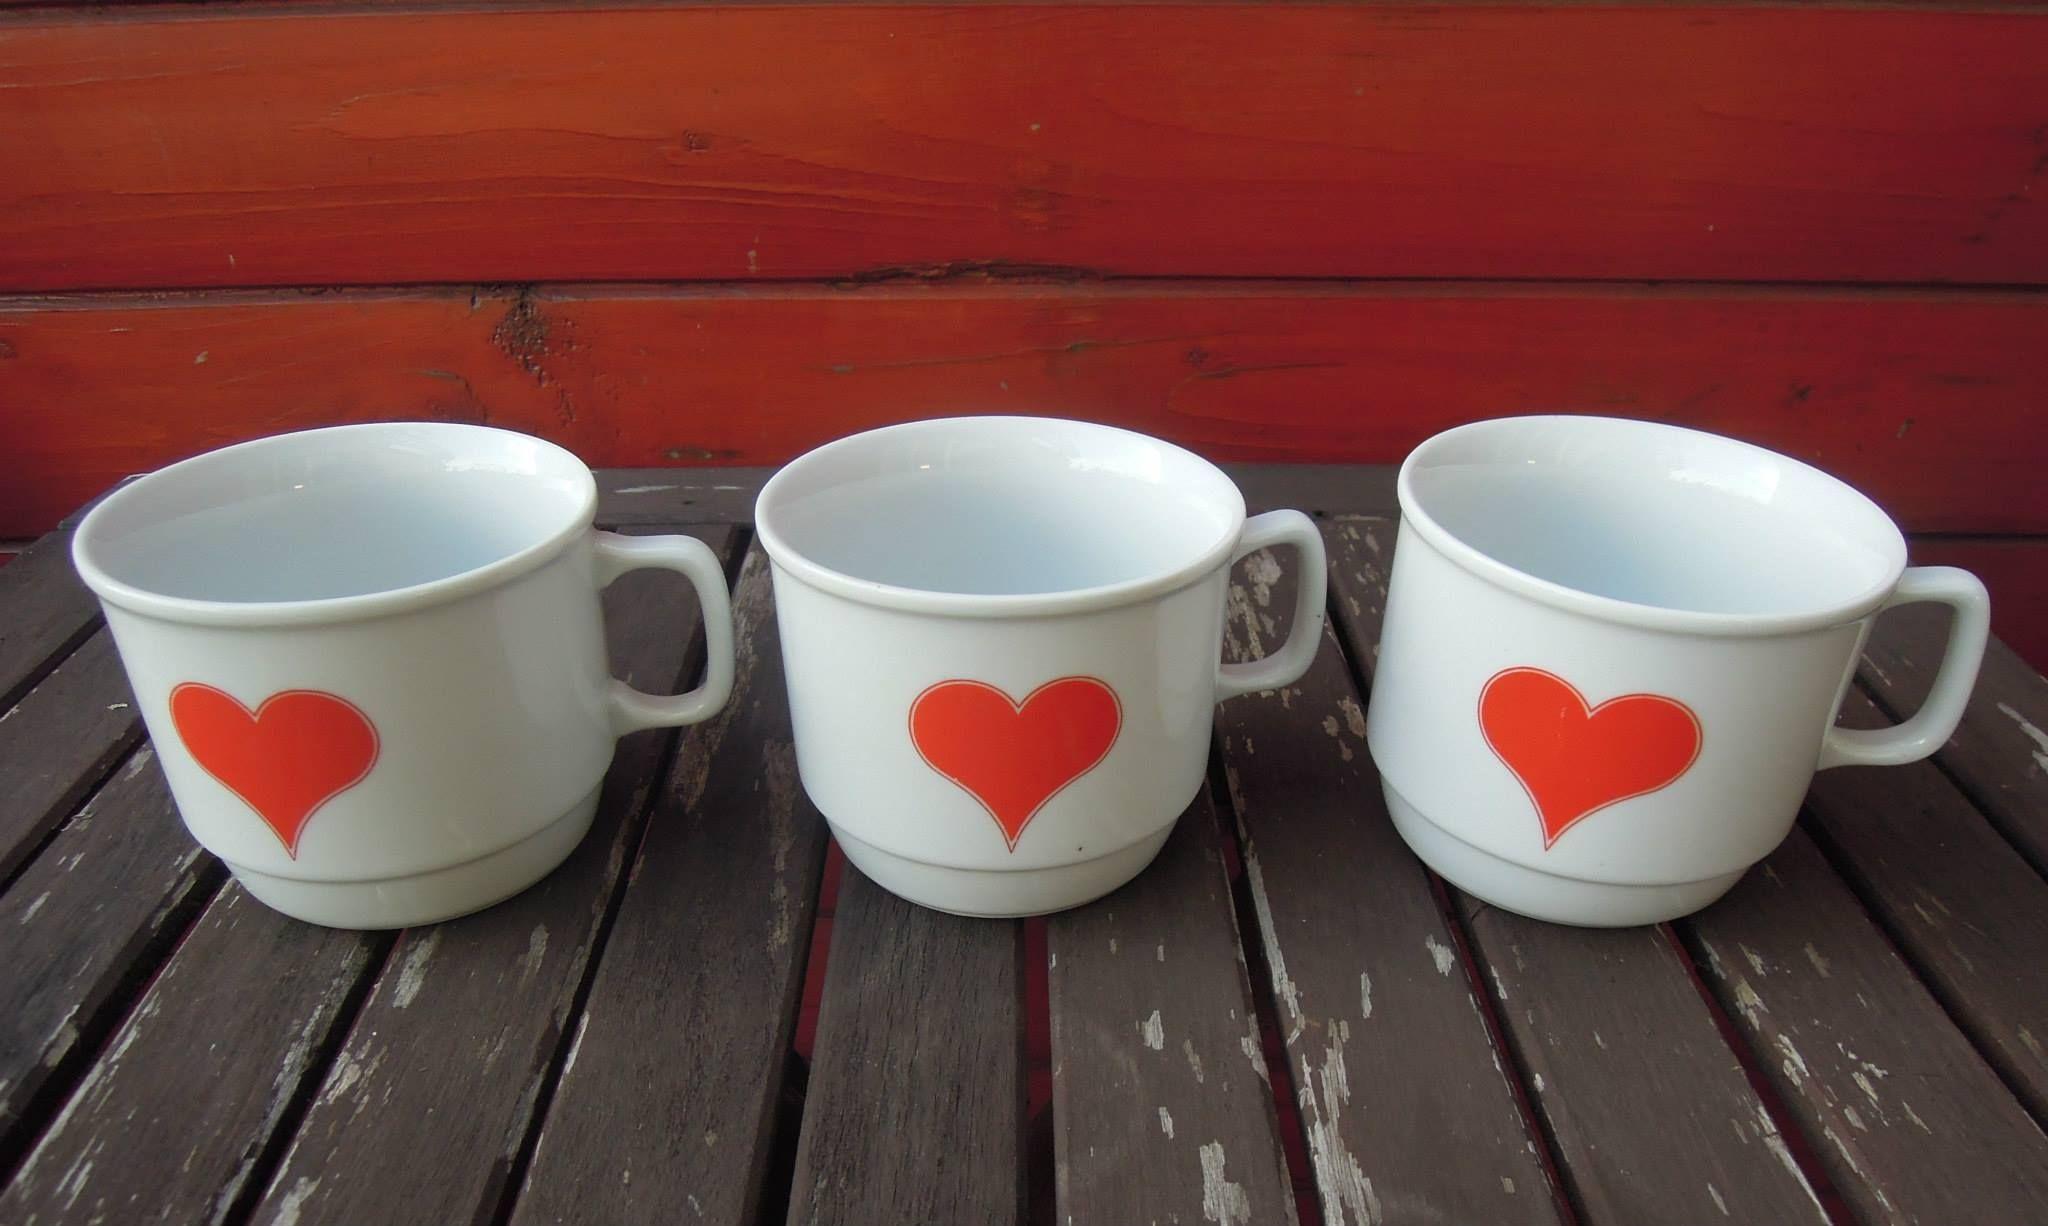 823ae2e70a Zsolnay porcelán bögrék   retro cups, mugs, glasses   Mugs ...